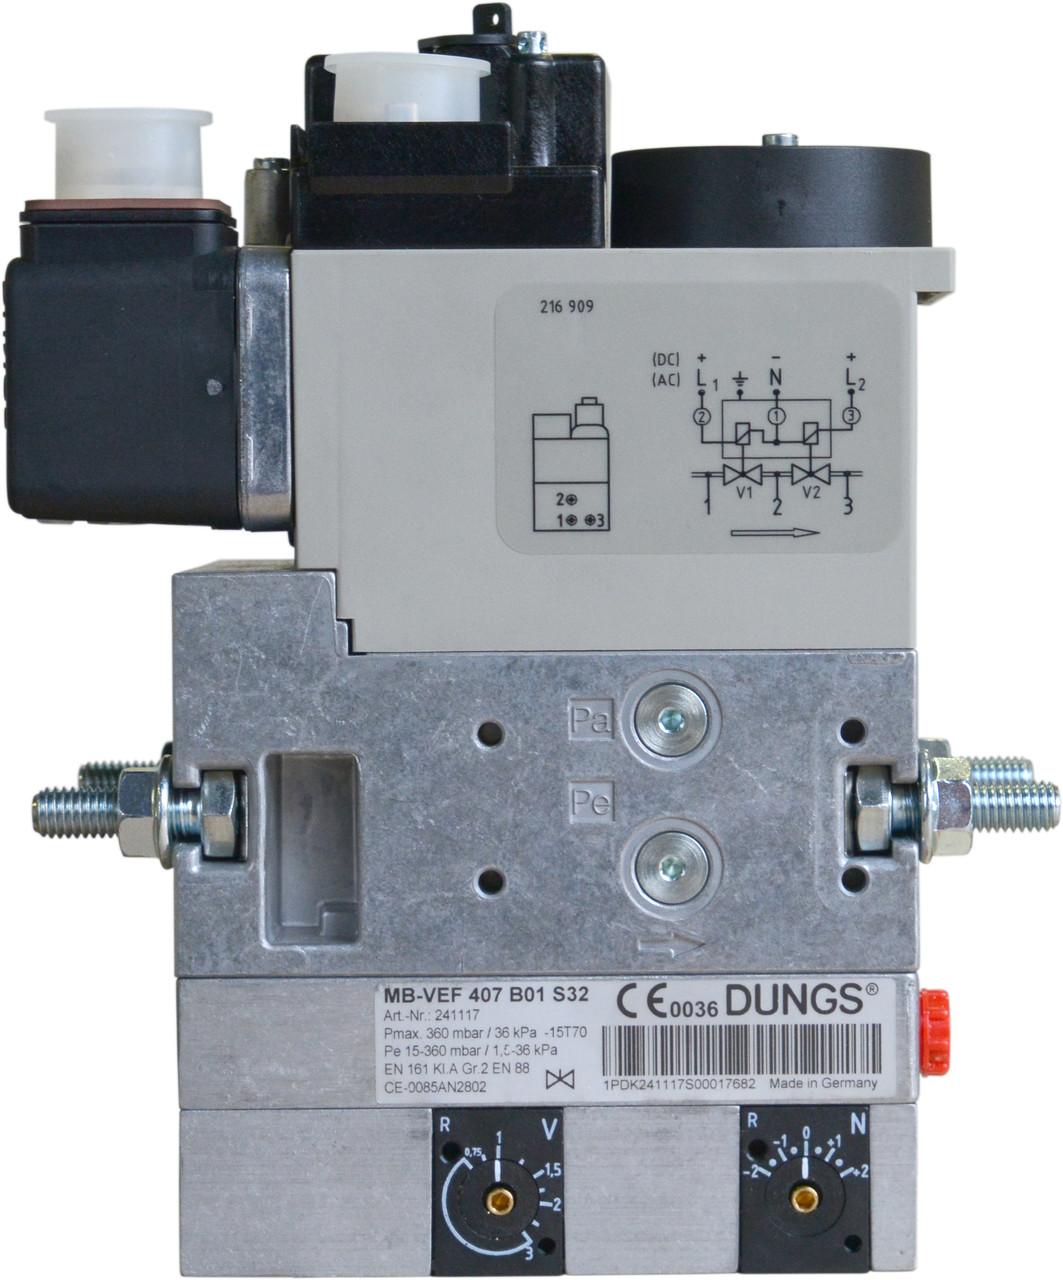 Газовый мультиблок Dungs MB-VEF 412 B01 S30  арт. №241078